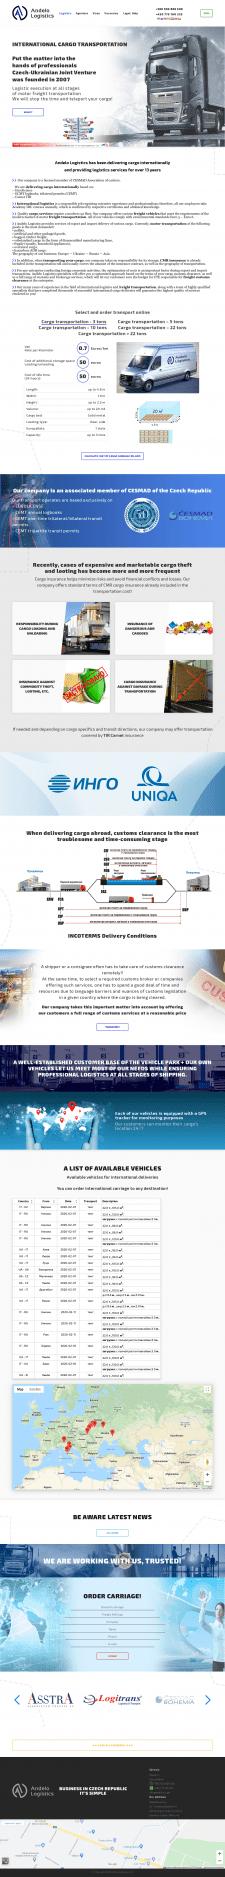 Andelo Logistics Website UKR-ENG